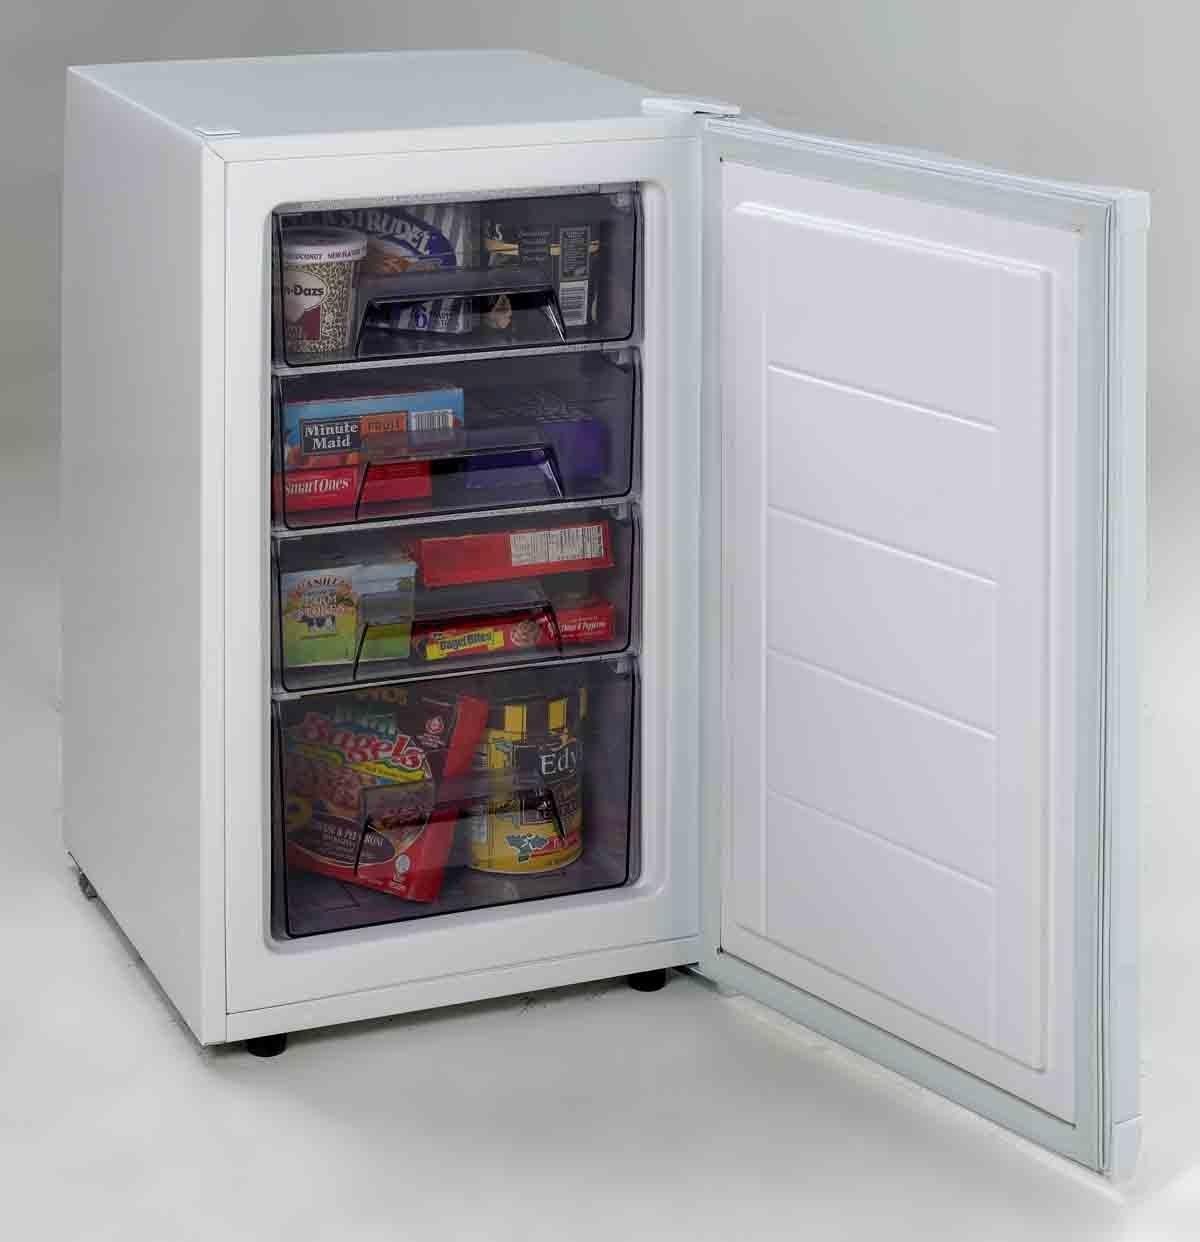 Vm301w Avanti Vm301w Upright Freezers